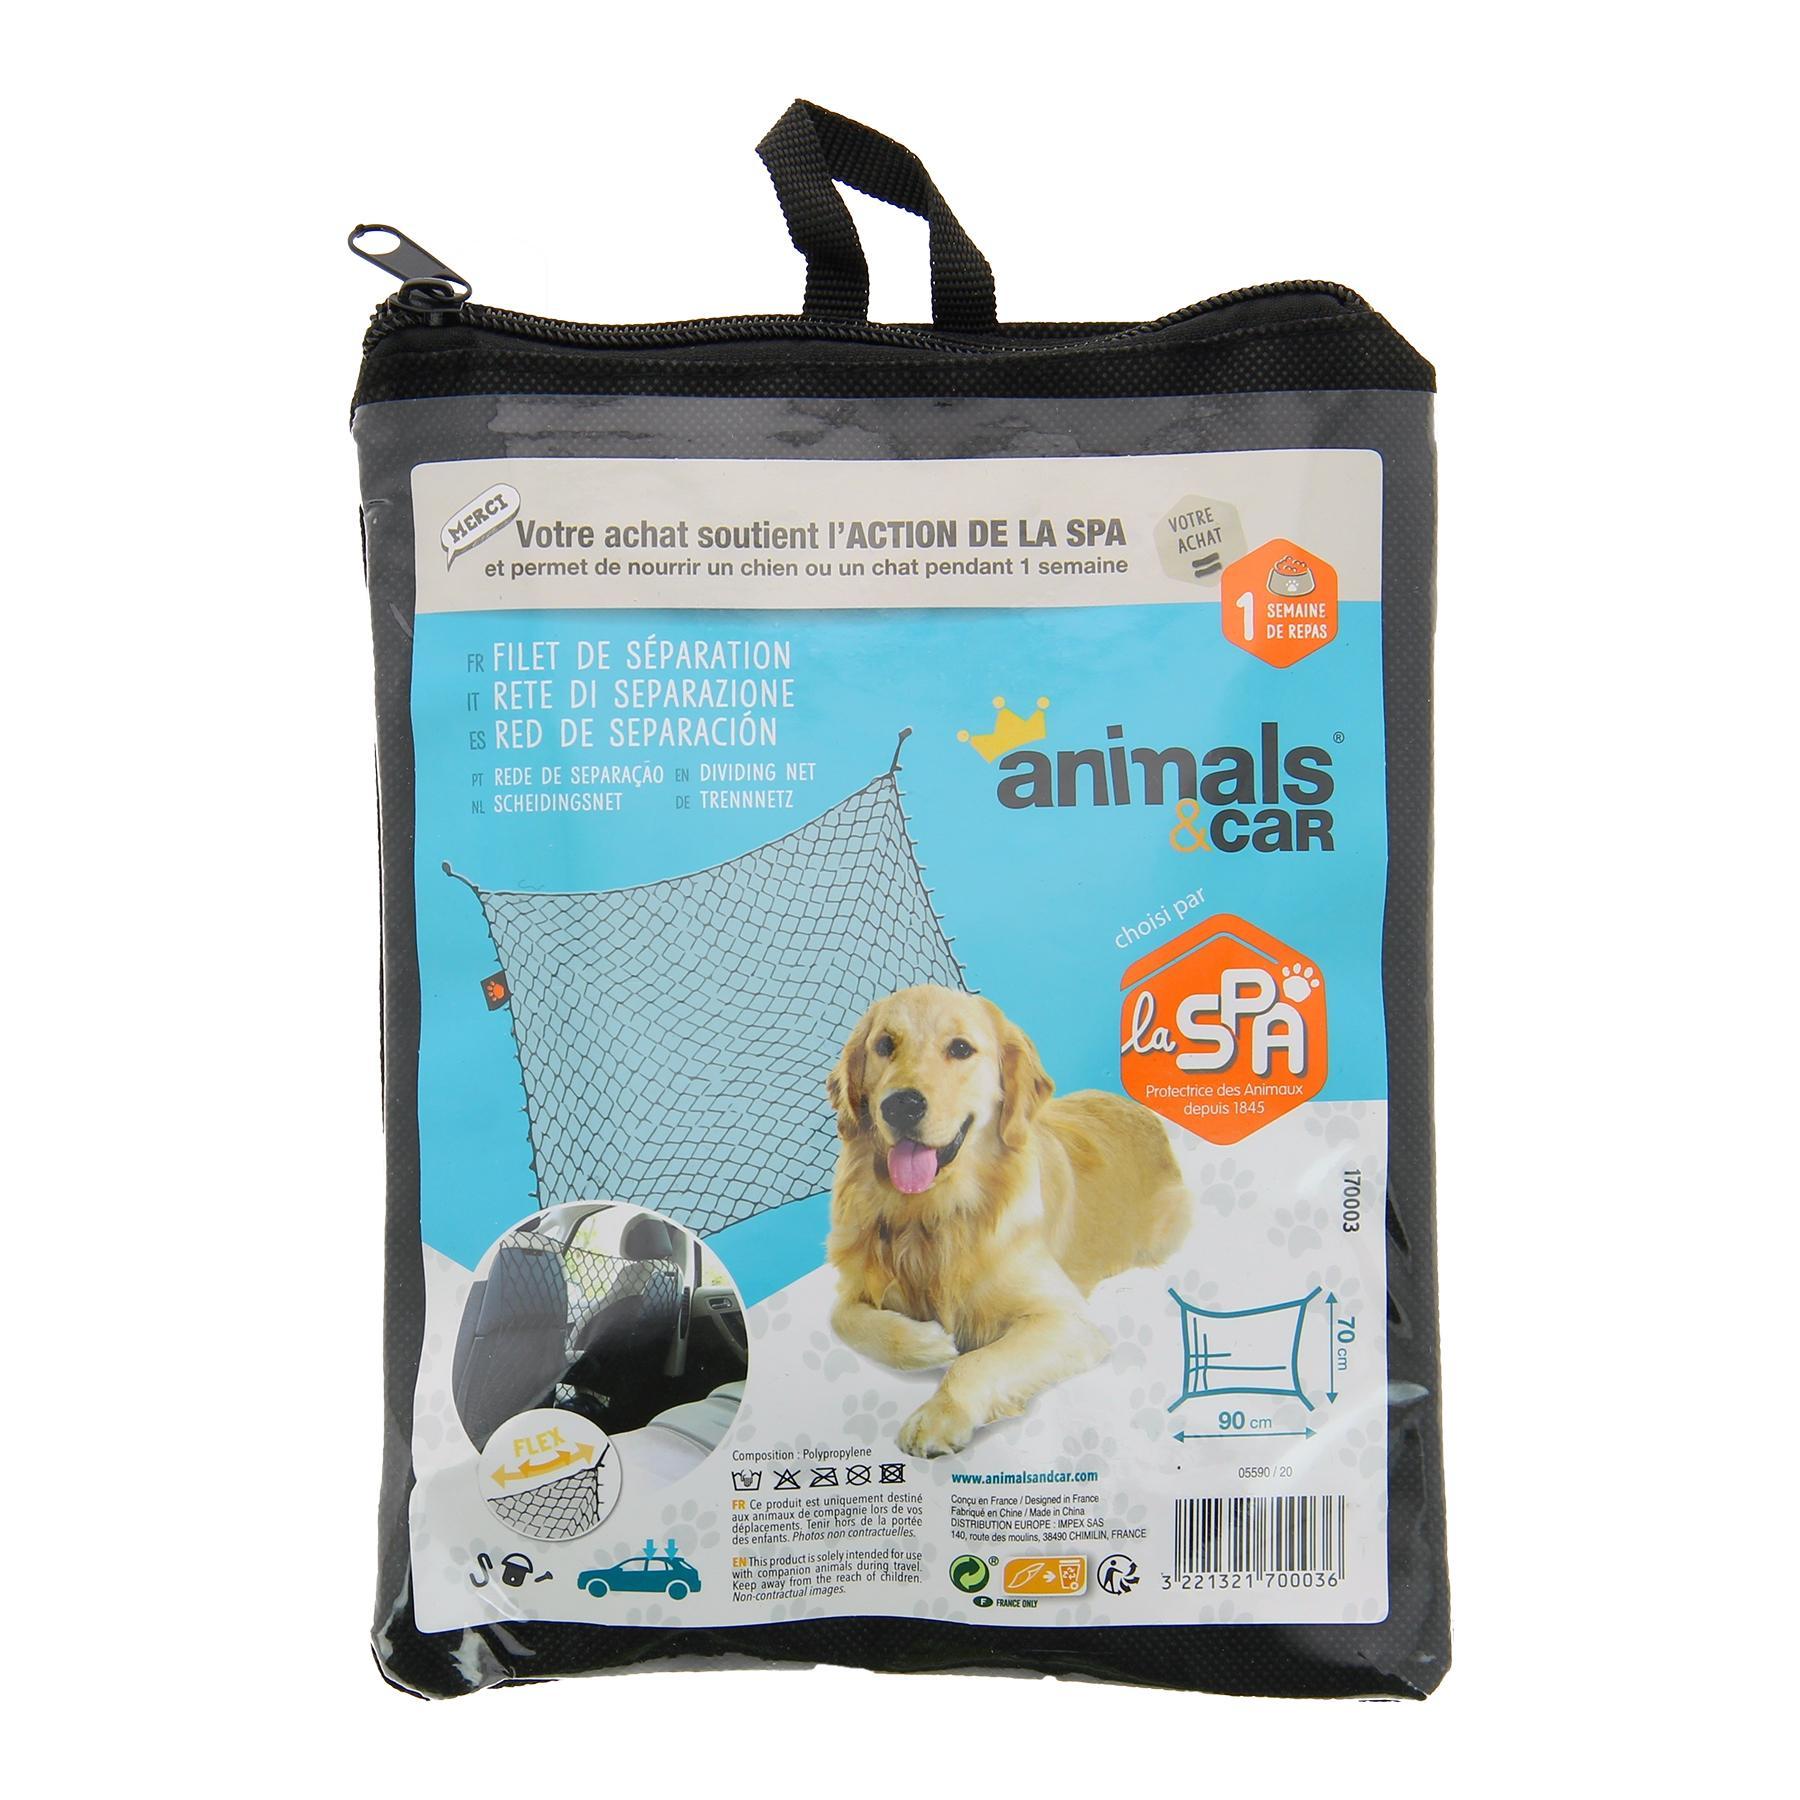 Autonet hond animals&car 170003 expert kennis